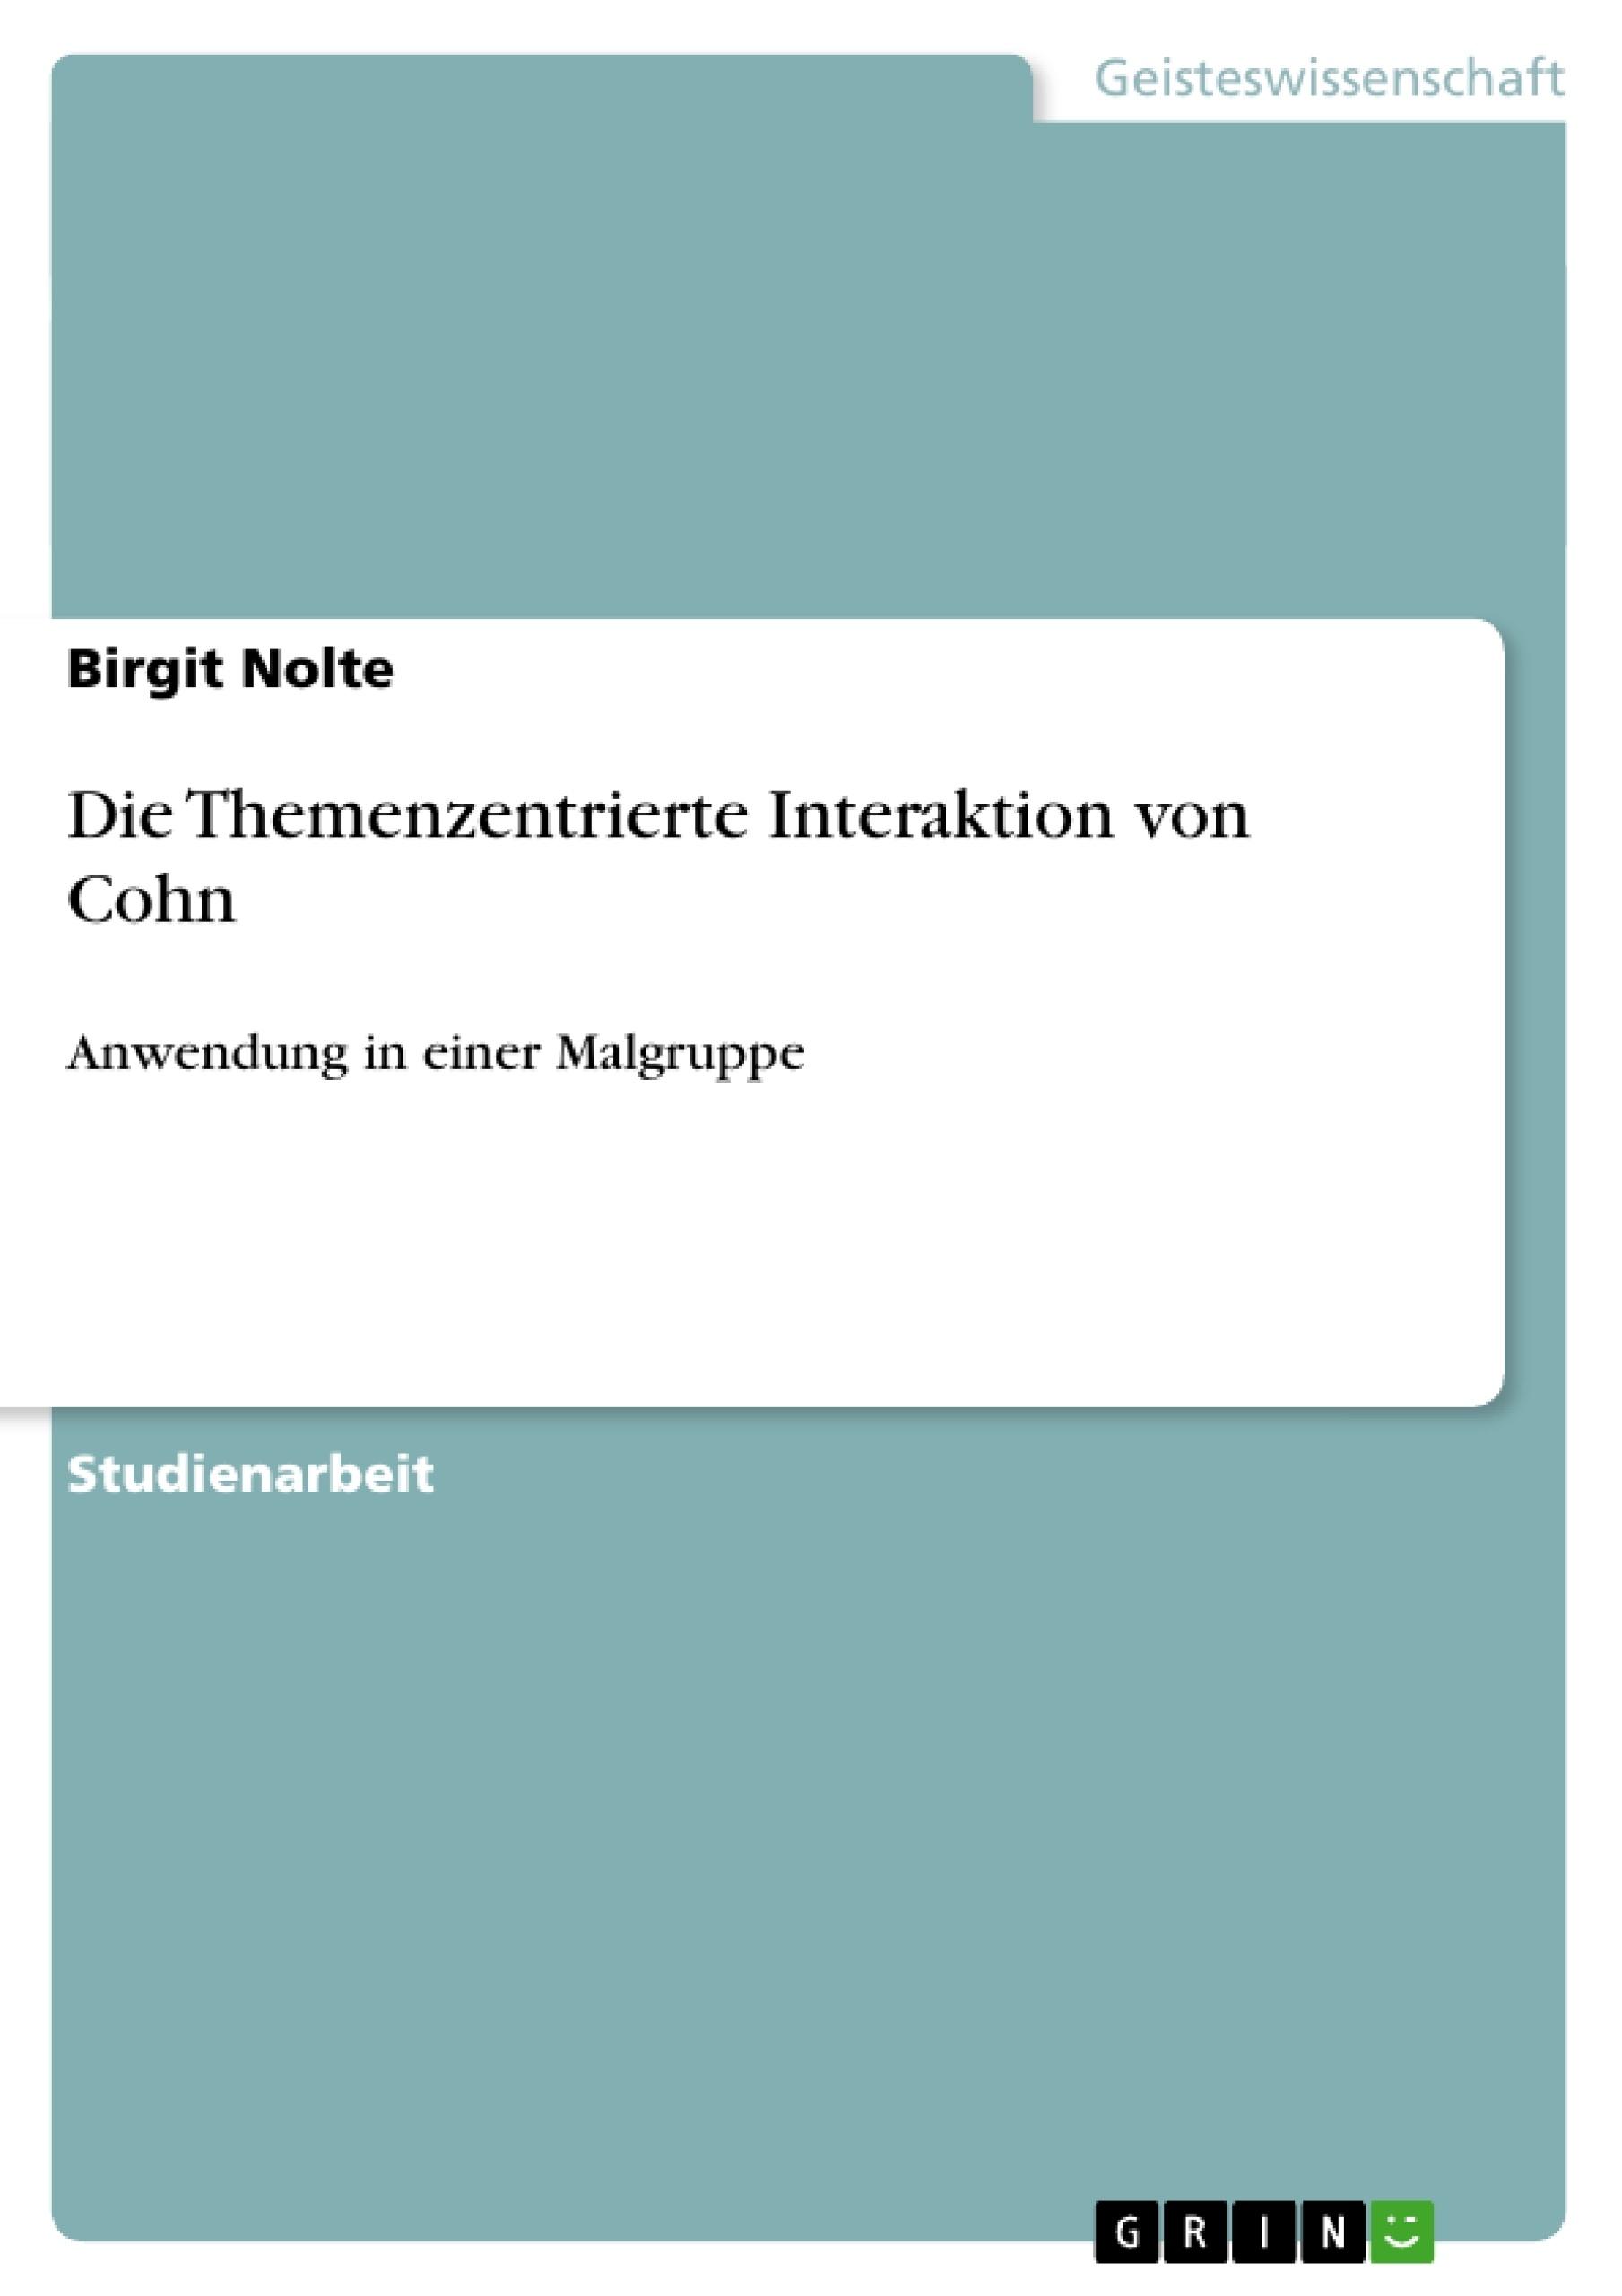 Titel: Die Themenzentrierte Interaktion von Cohn